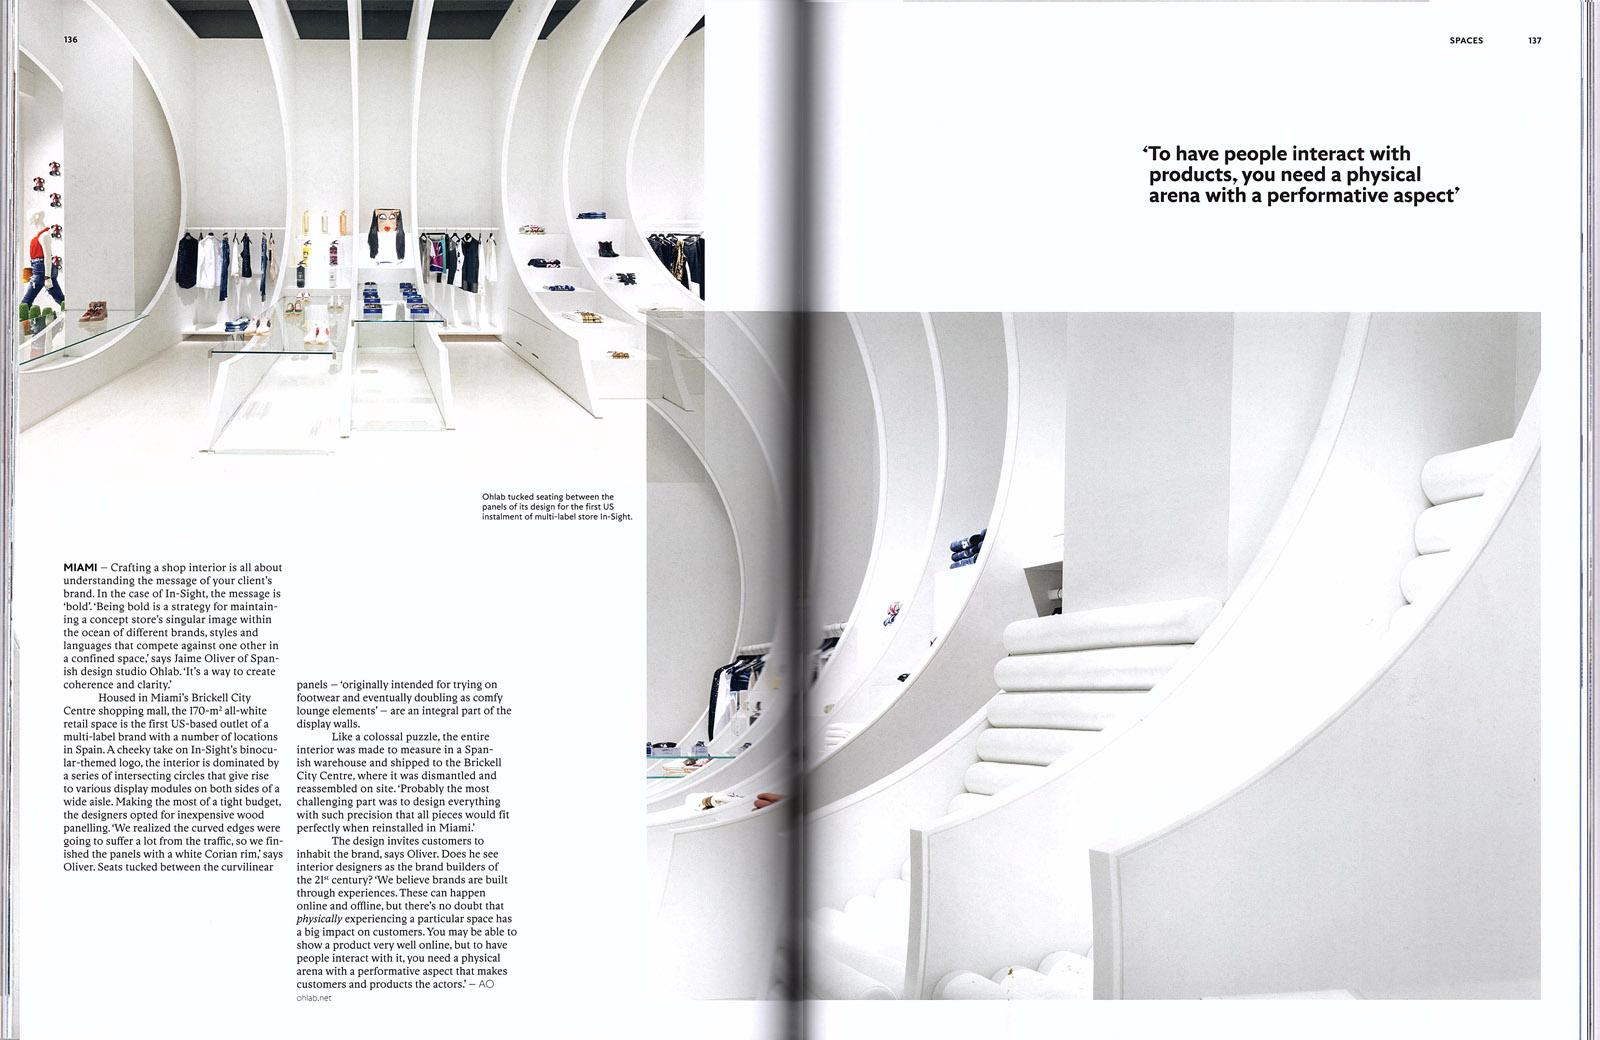 frame_miami-concept-store_02